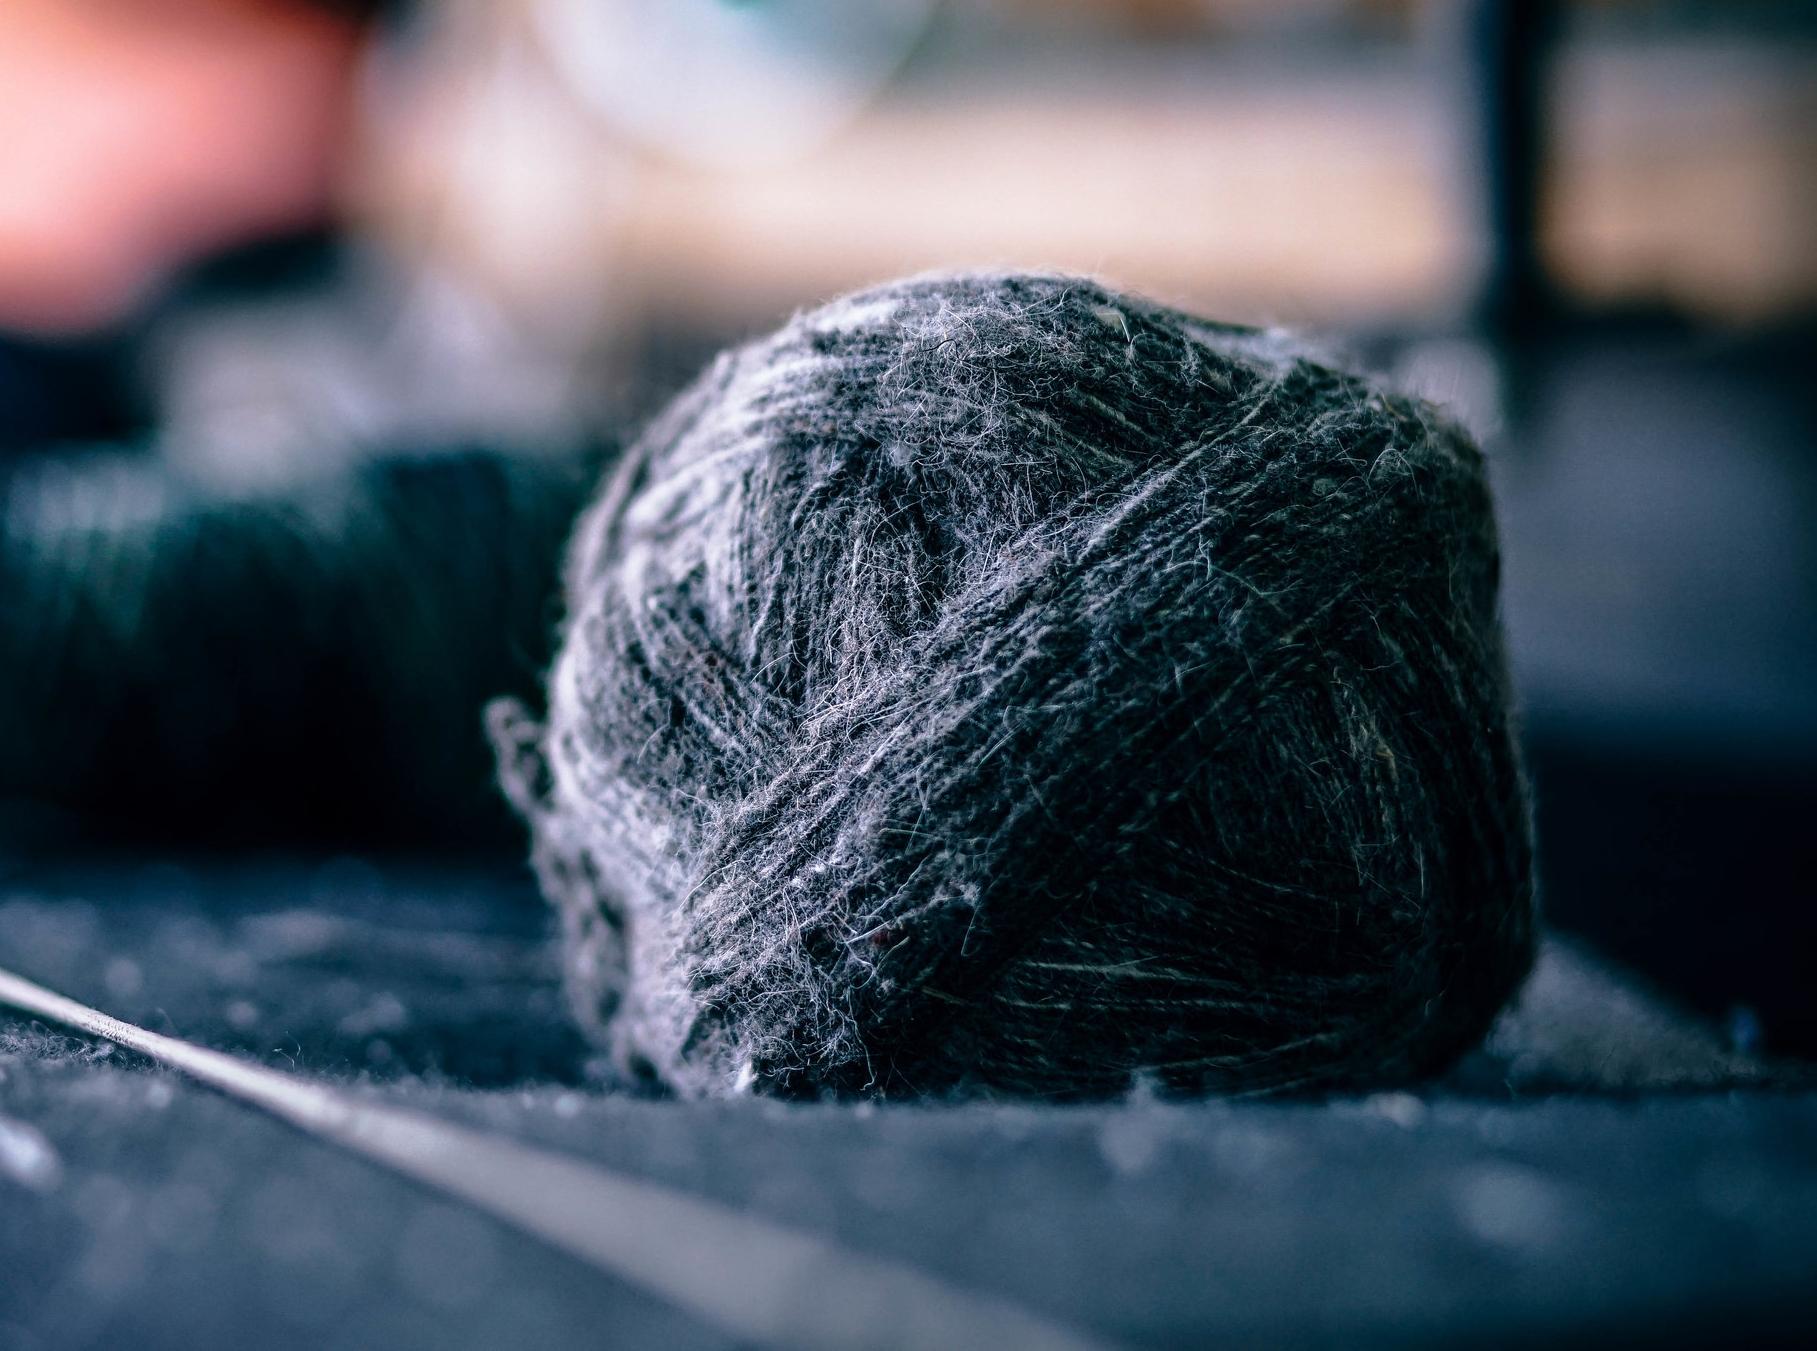 Blue yarn for knitting